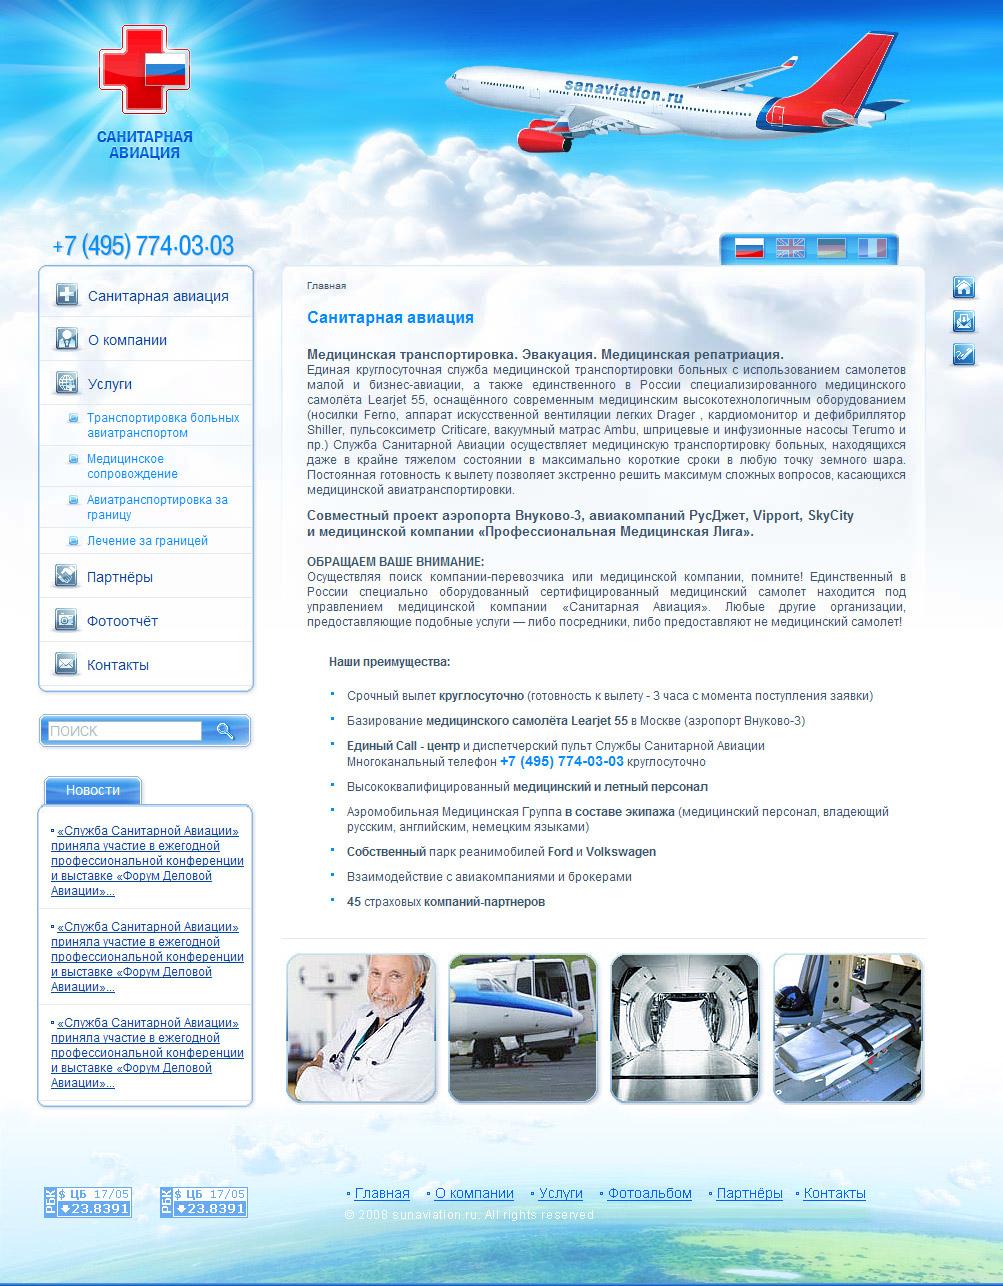 Сайт «Службы Санитарной Авиации»